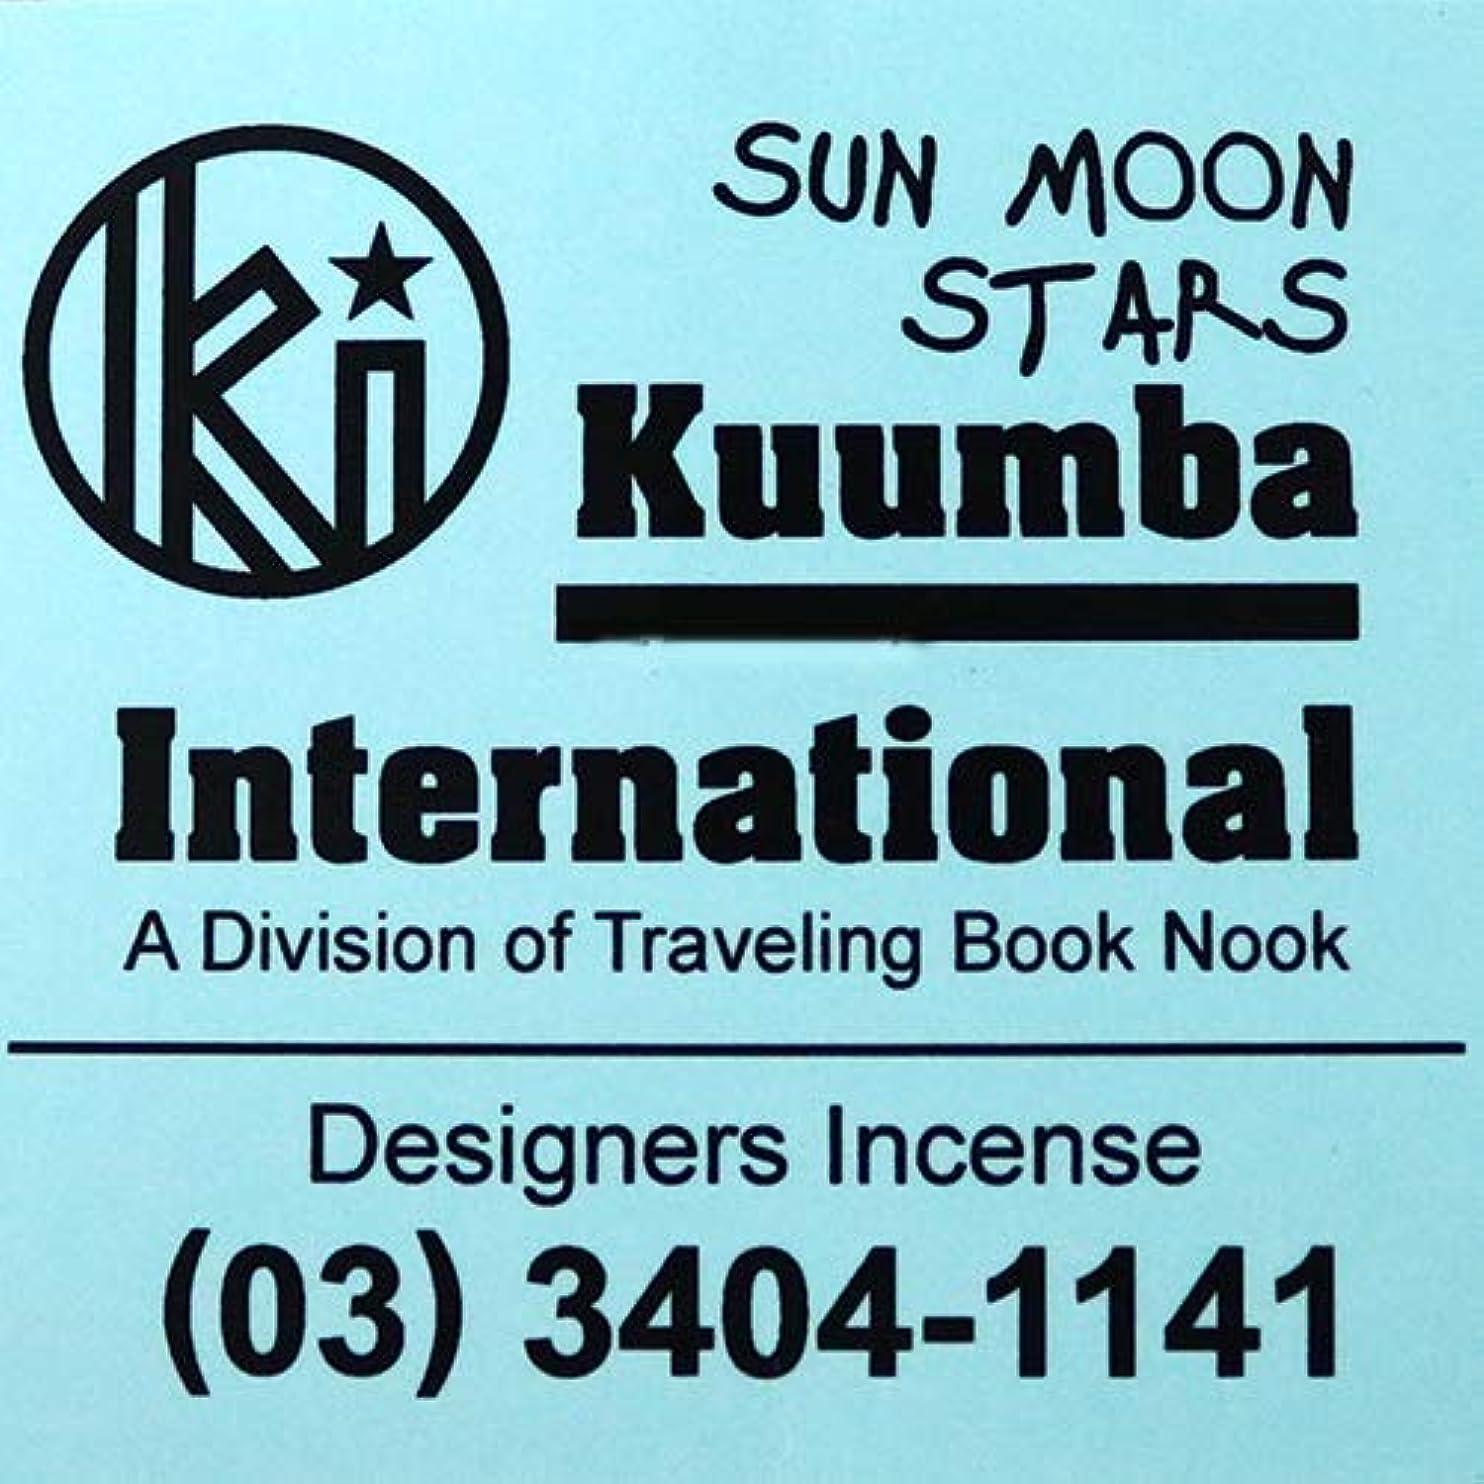 せがむやる夜の動物園(クンバ) KUUMBA『incense』(SUN MOON STARS) (SUN MOON STARS, Regular size)